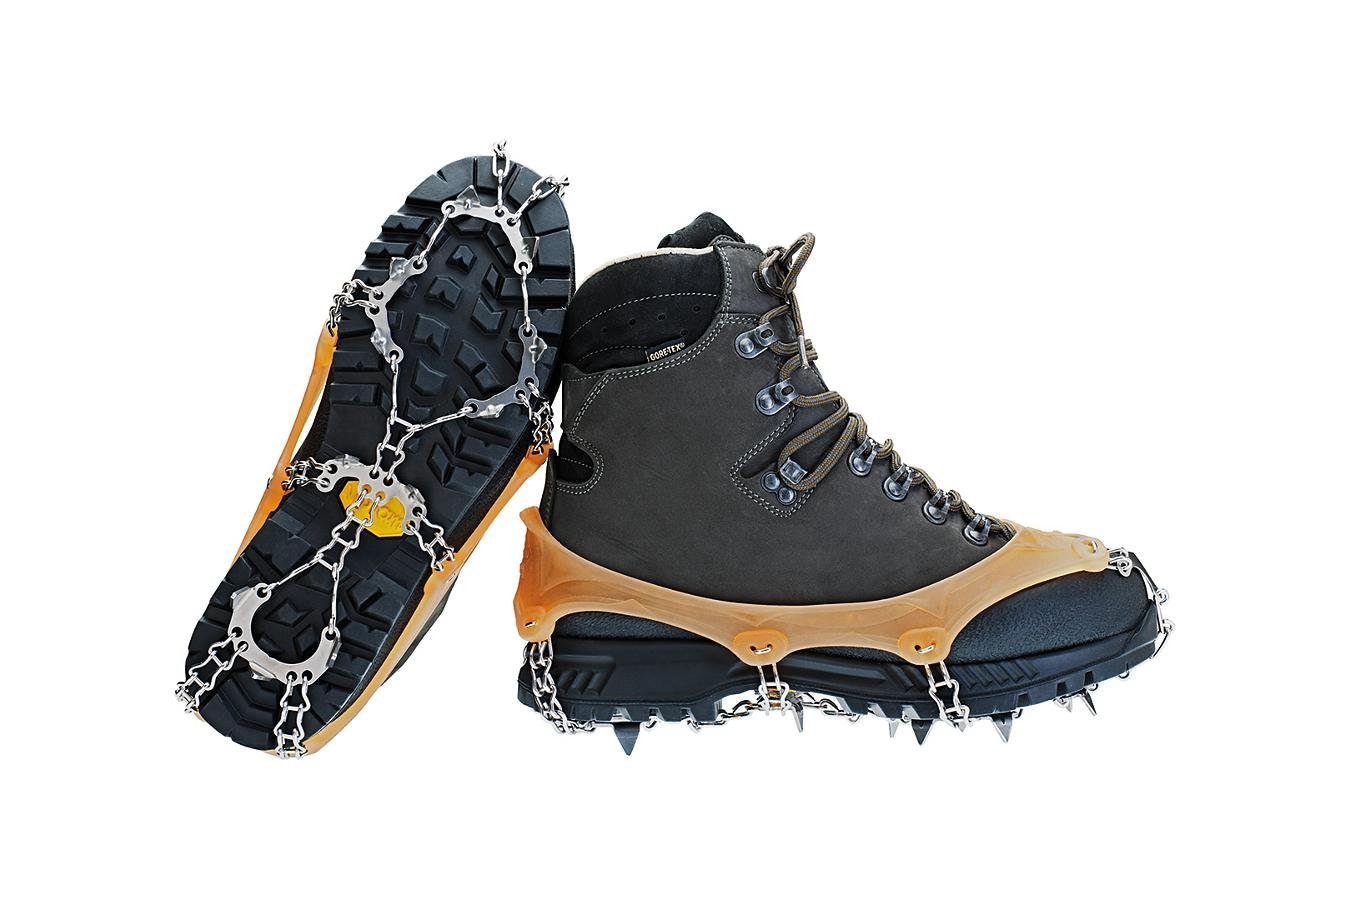 Edelrid Steigeisen »Spiderpick Crampon Shoes L«